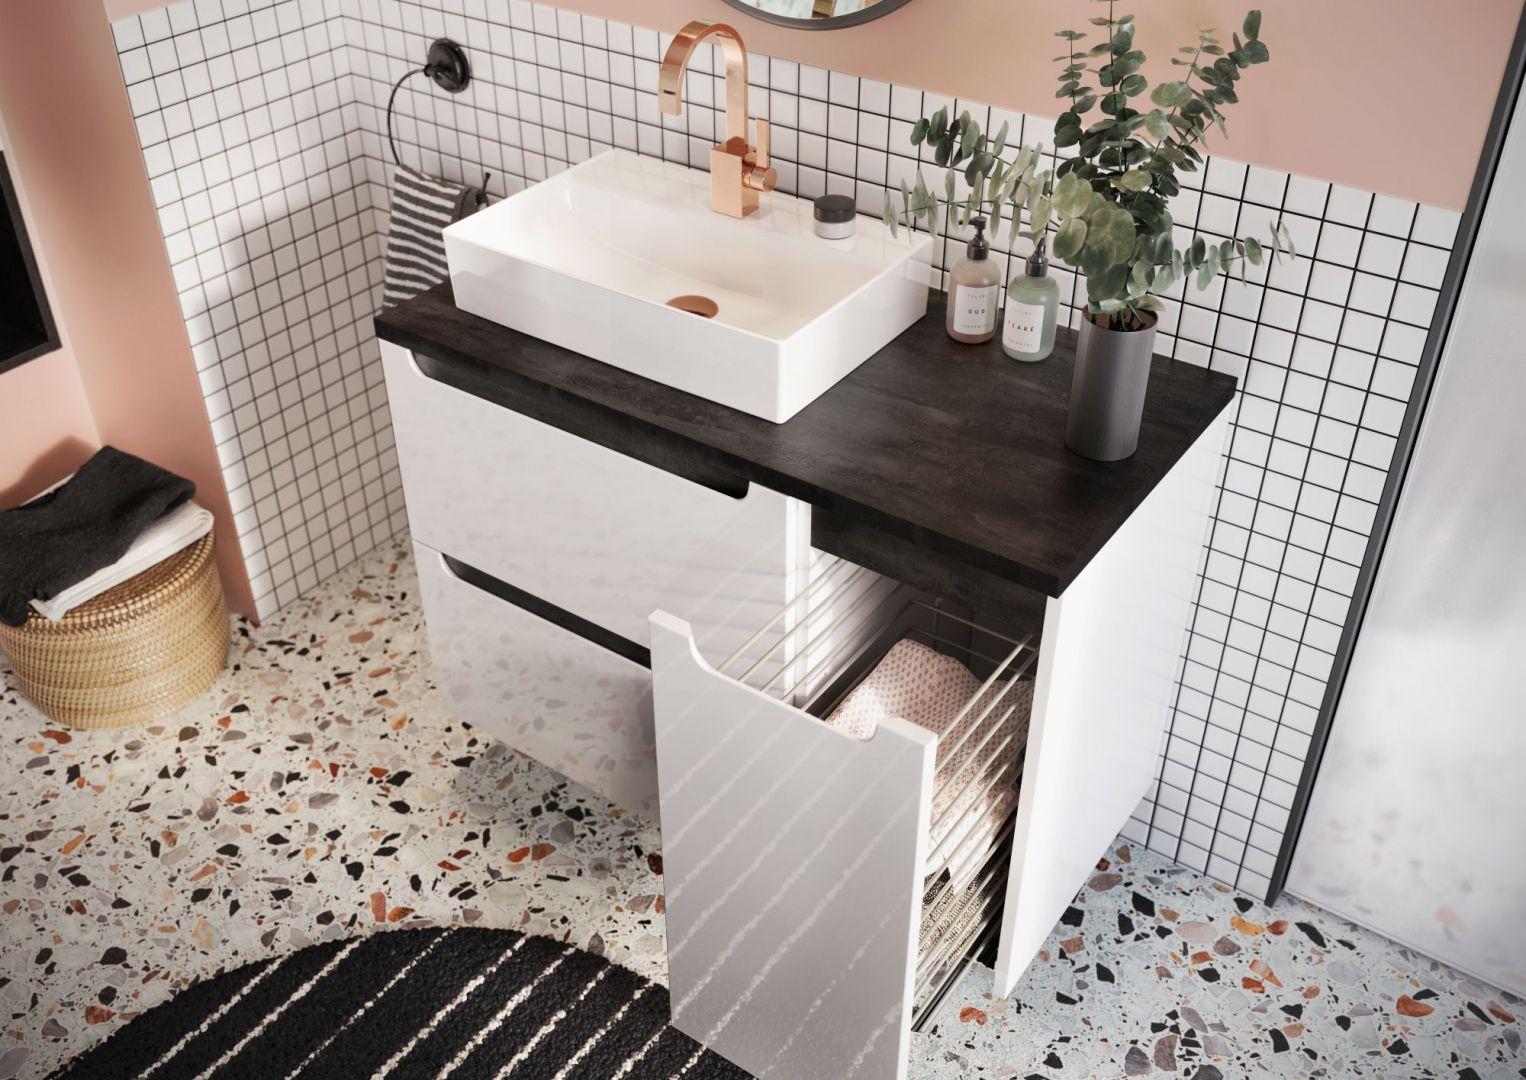 Całości zestawu dopełniają różne typy umywalek ceramicznych, konglomeratowych i szklanych. Fot. NAS